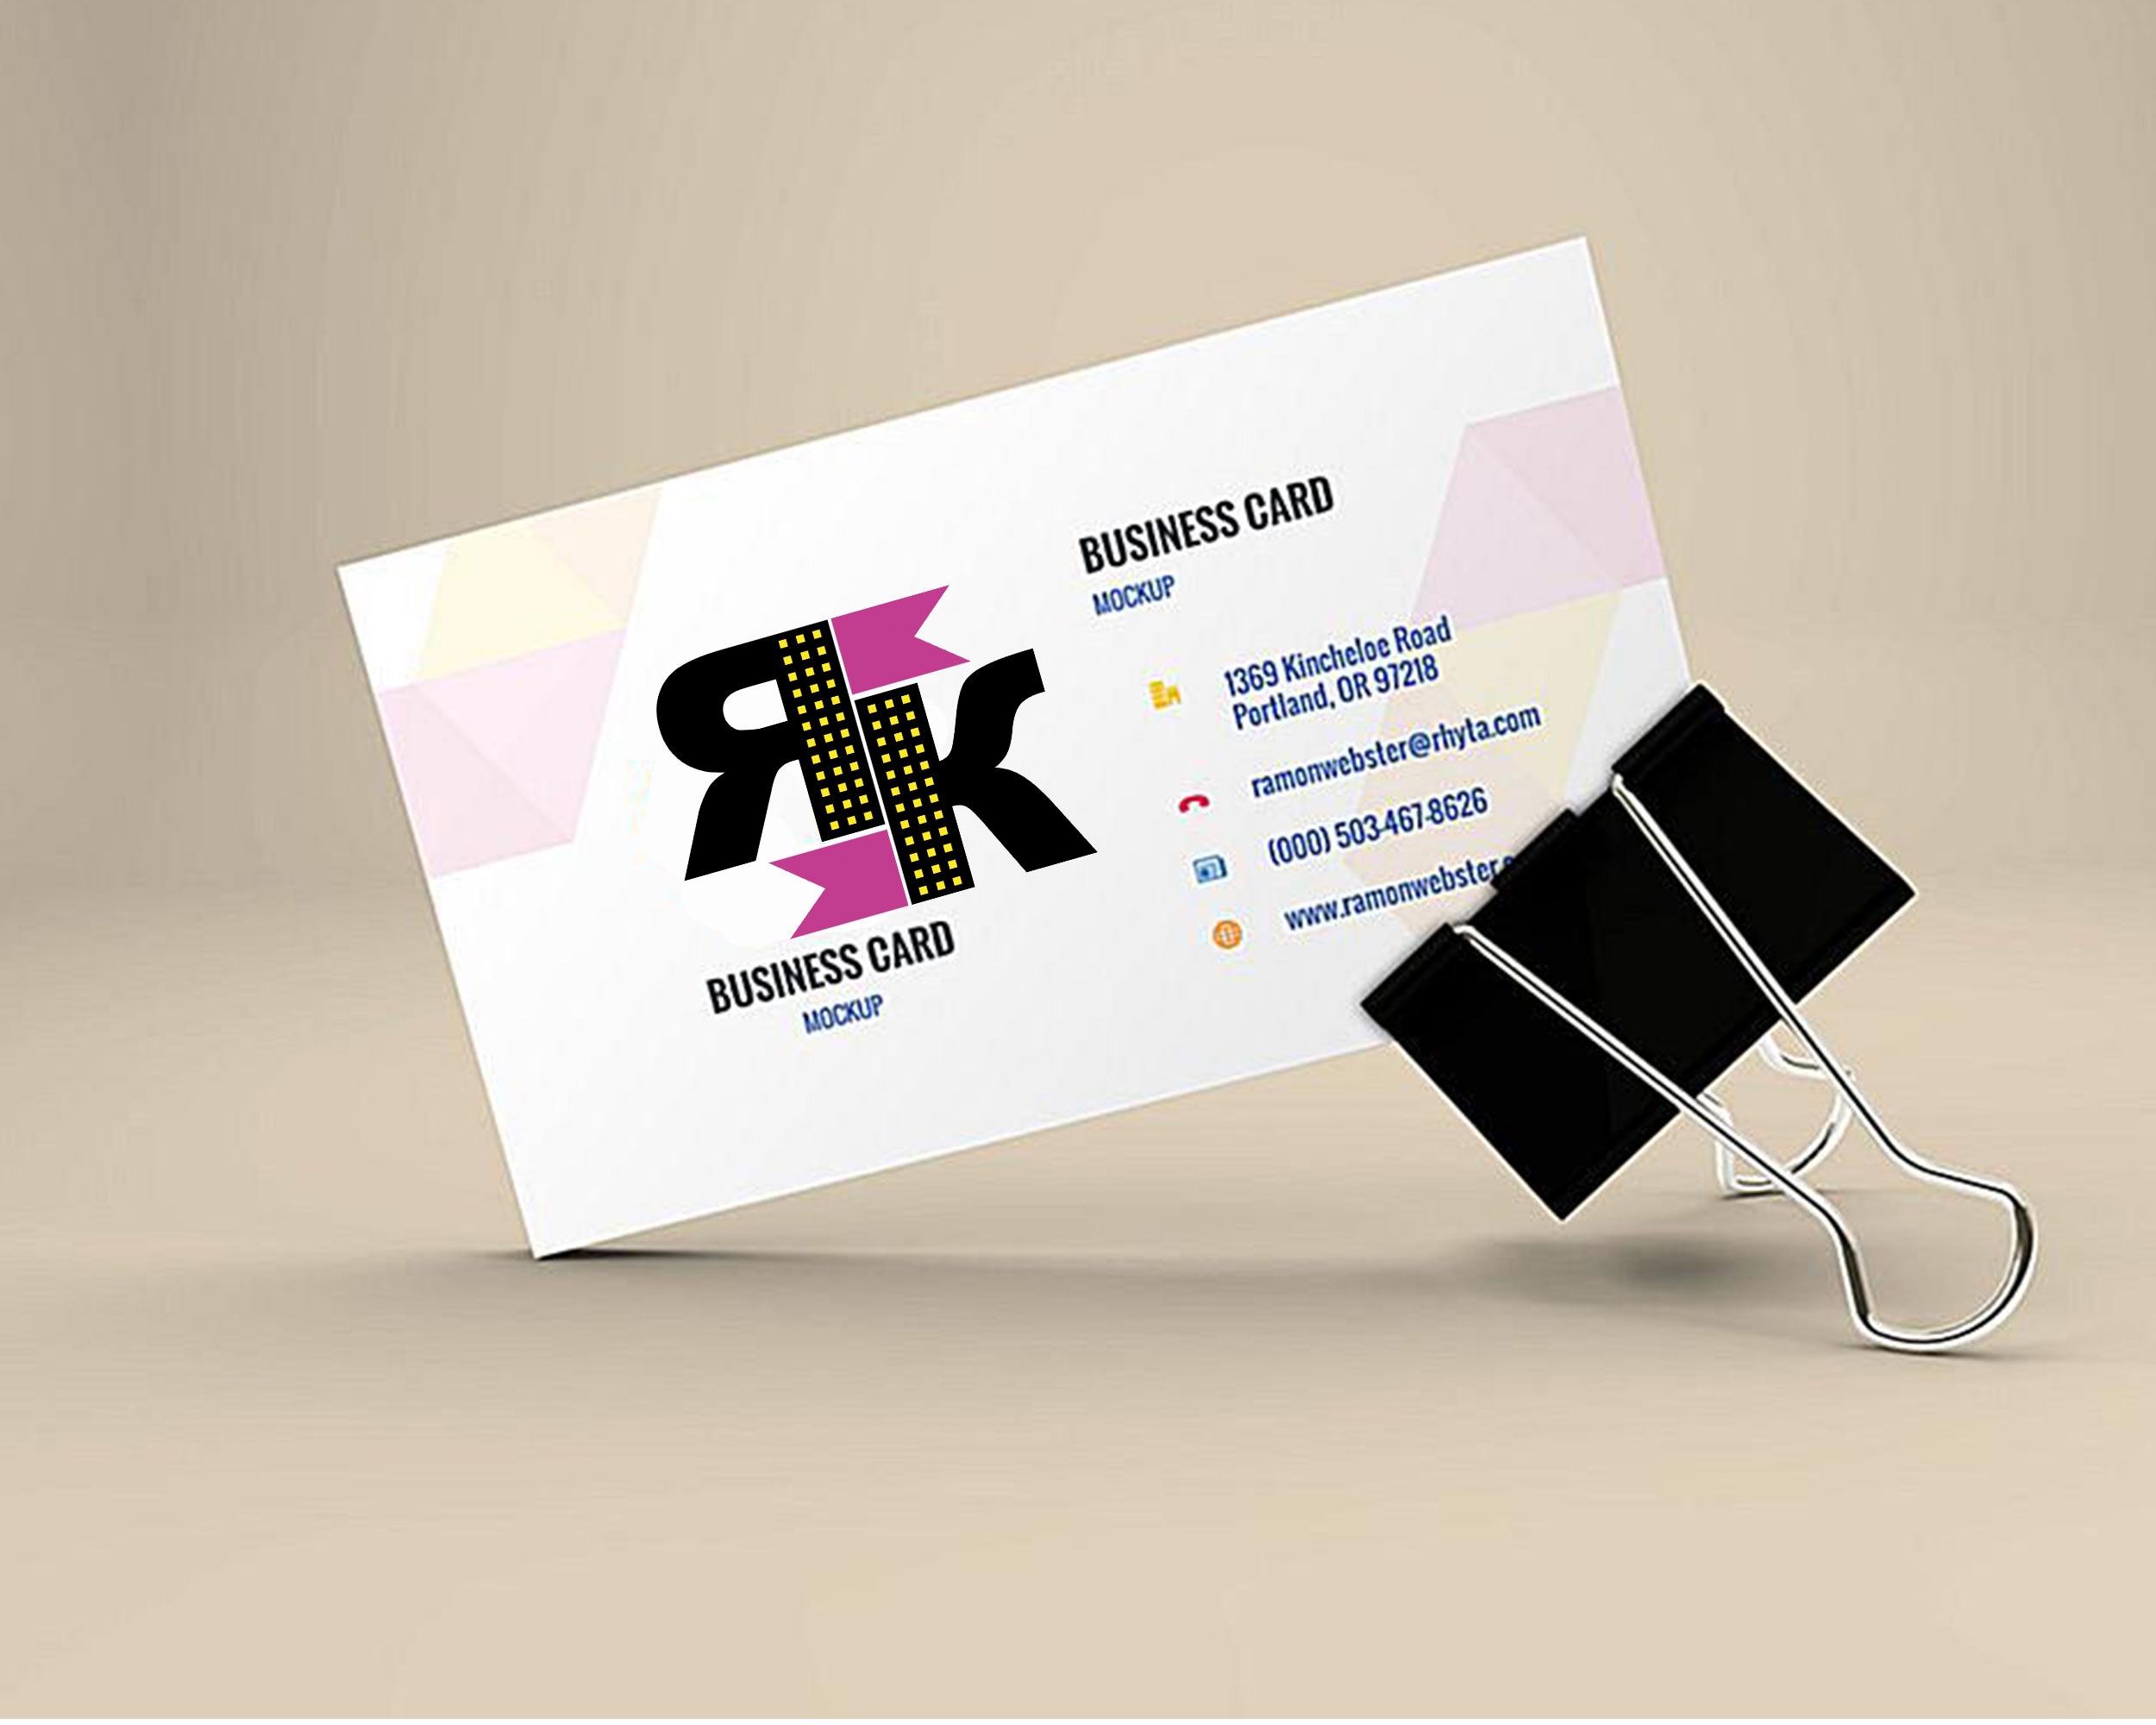 Создание логотипа, с вариантами для визитки и листовки фото f_05160085e4de55b2.jpg